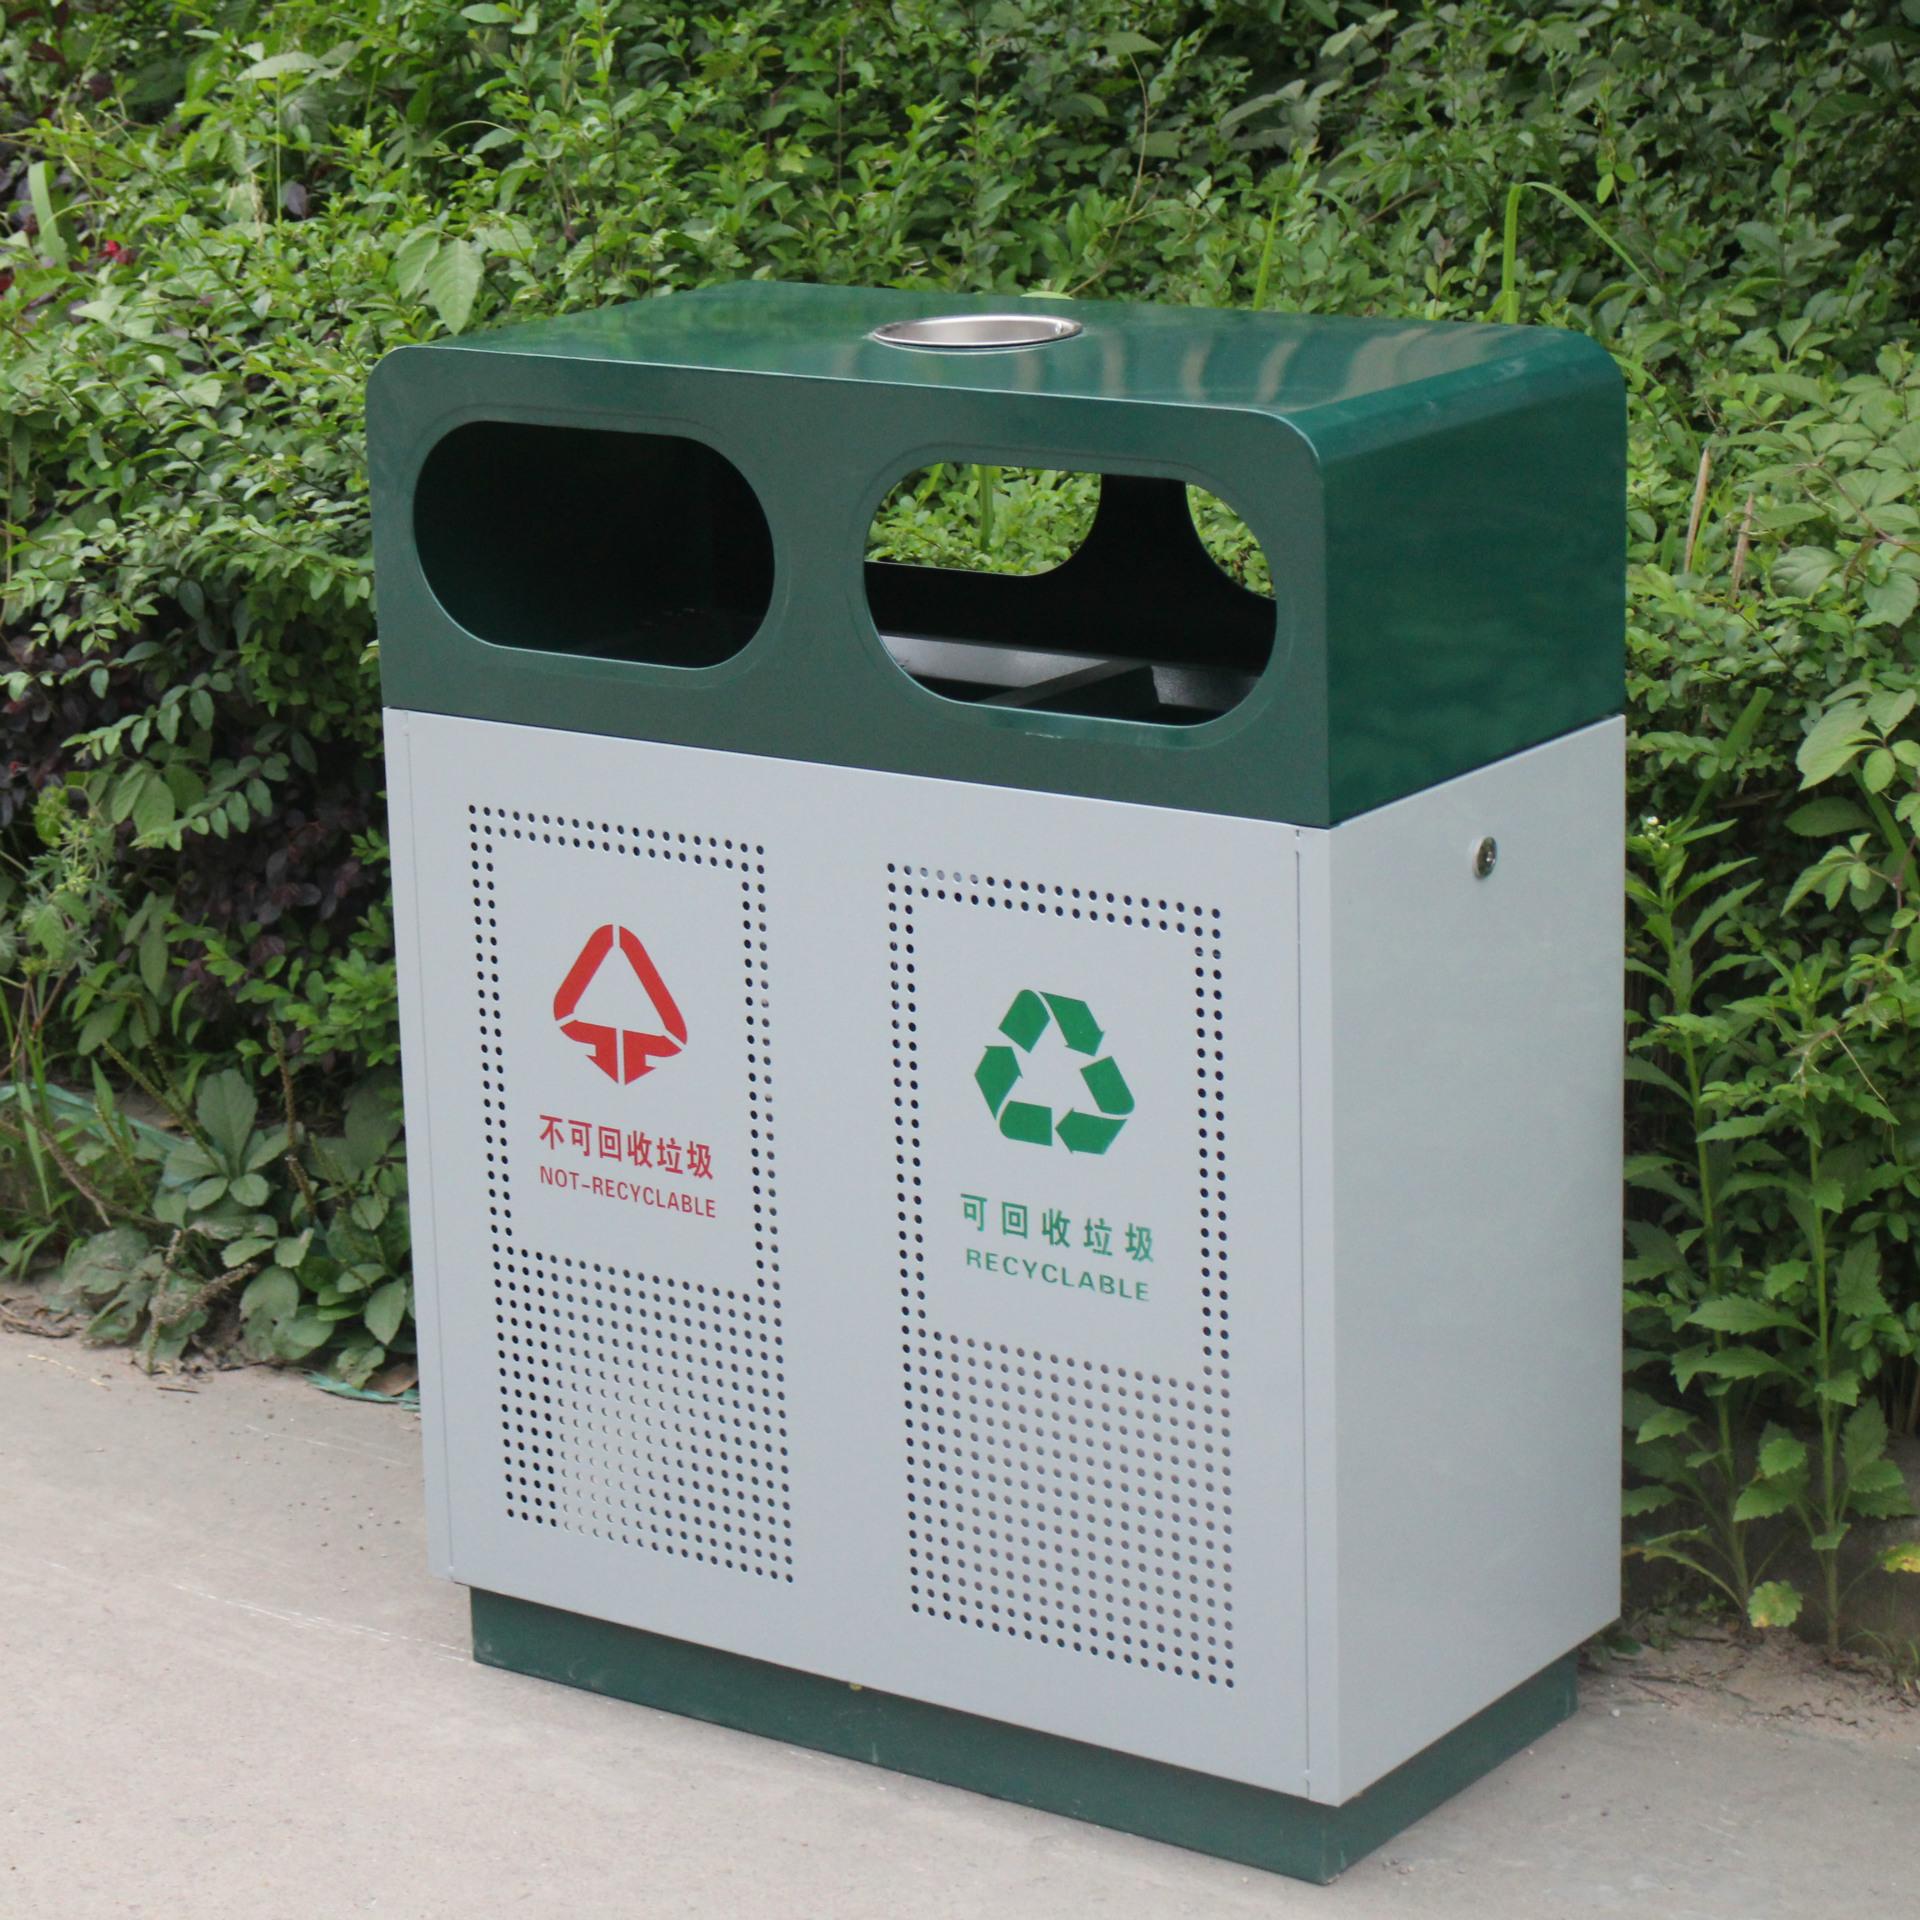 冲孔垃圾桶 环卫垃圾桶 户外果皮箱 小区分类大号环保垃圾桶双桶